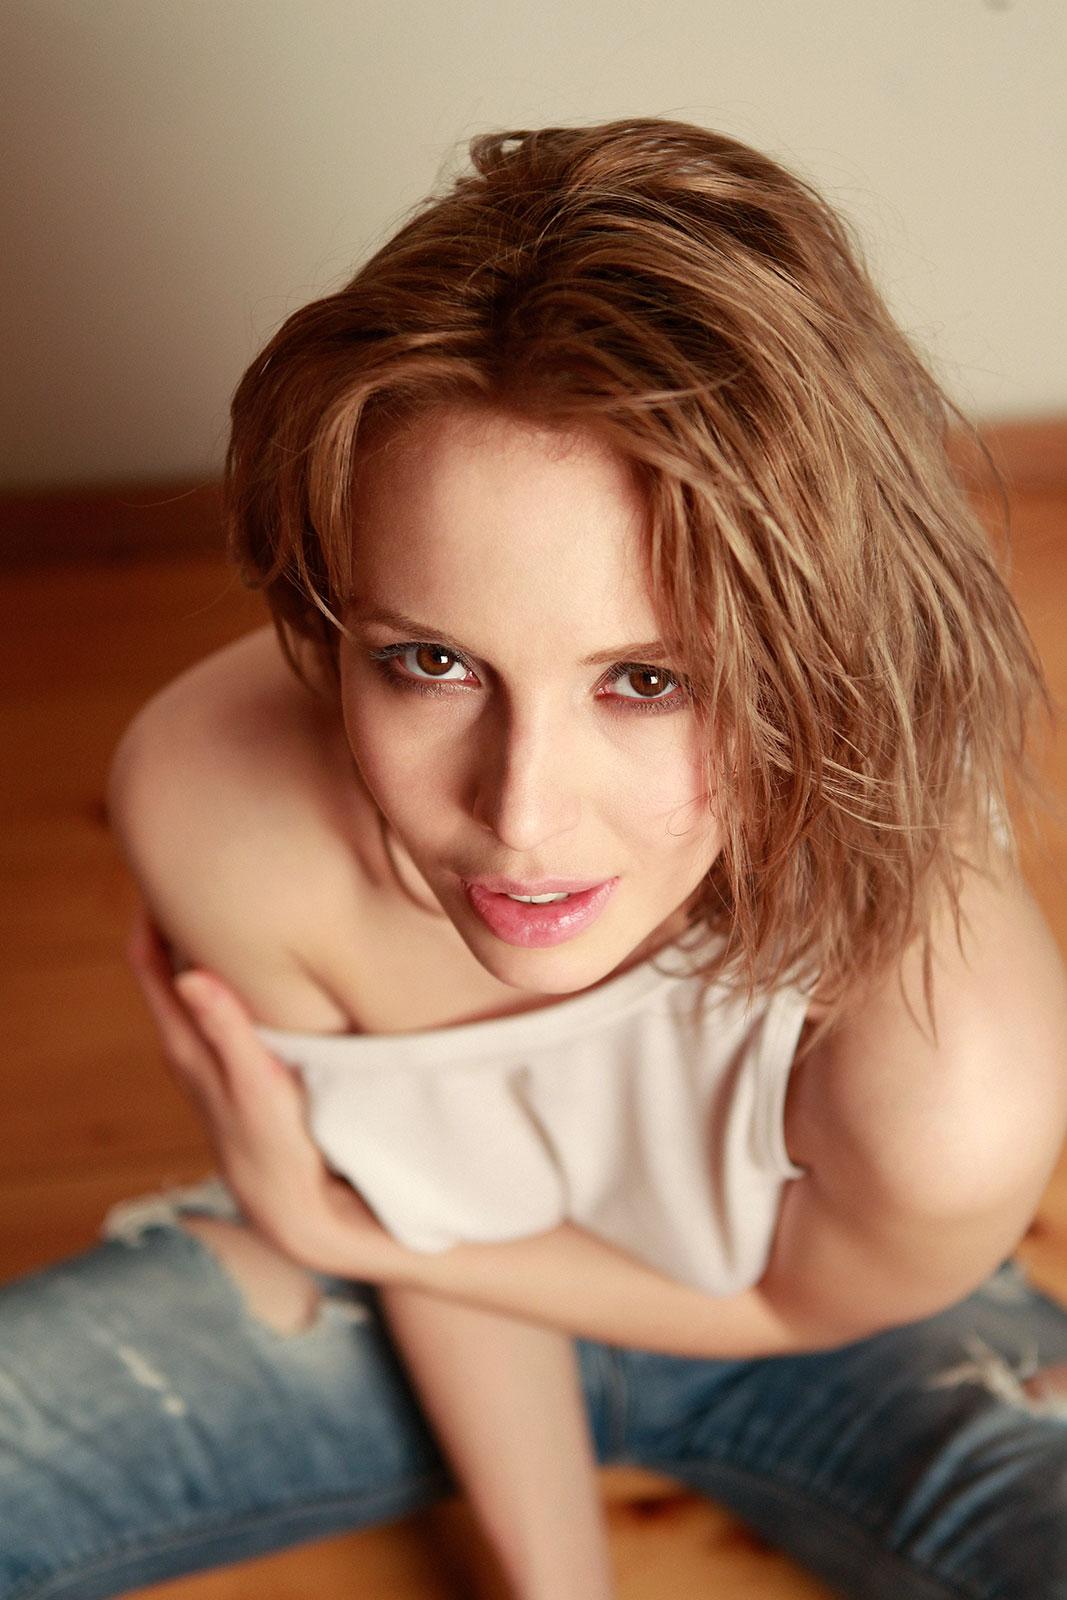 достаточно фото актрисы юлии маньковской недавнего момента